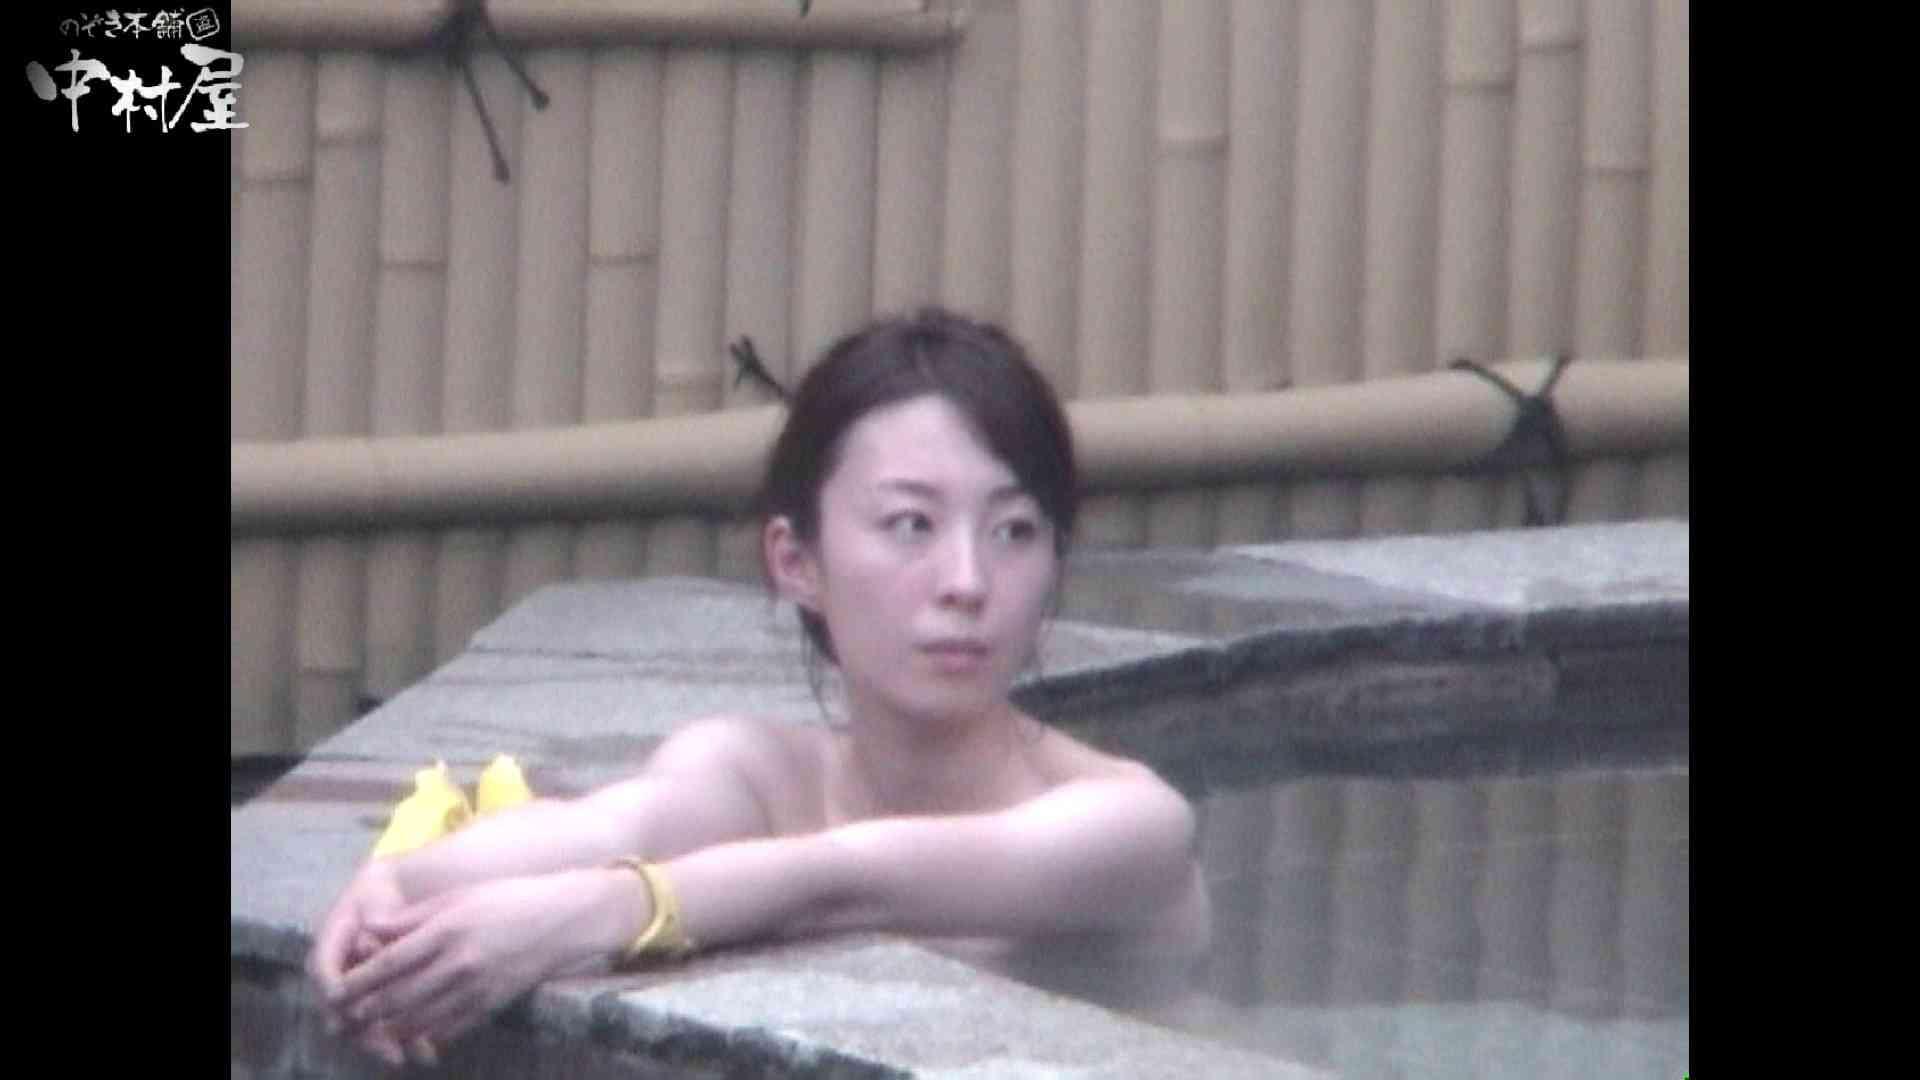 Aquaな露天風呂Vol.964 美しいOLの裸体   盗撮師作品  104pic 7